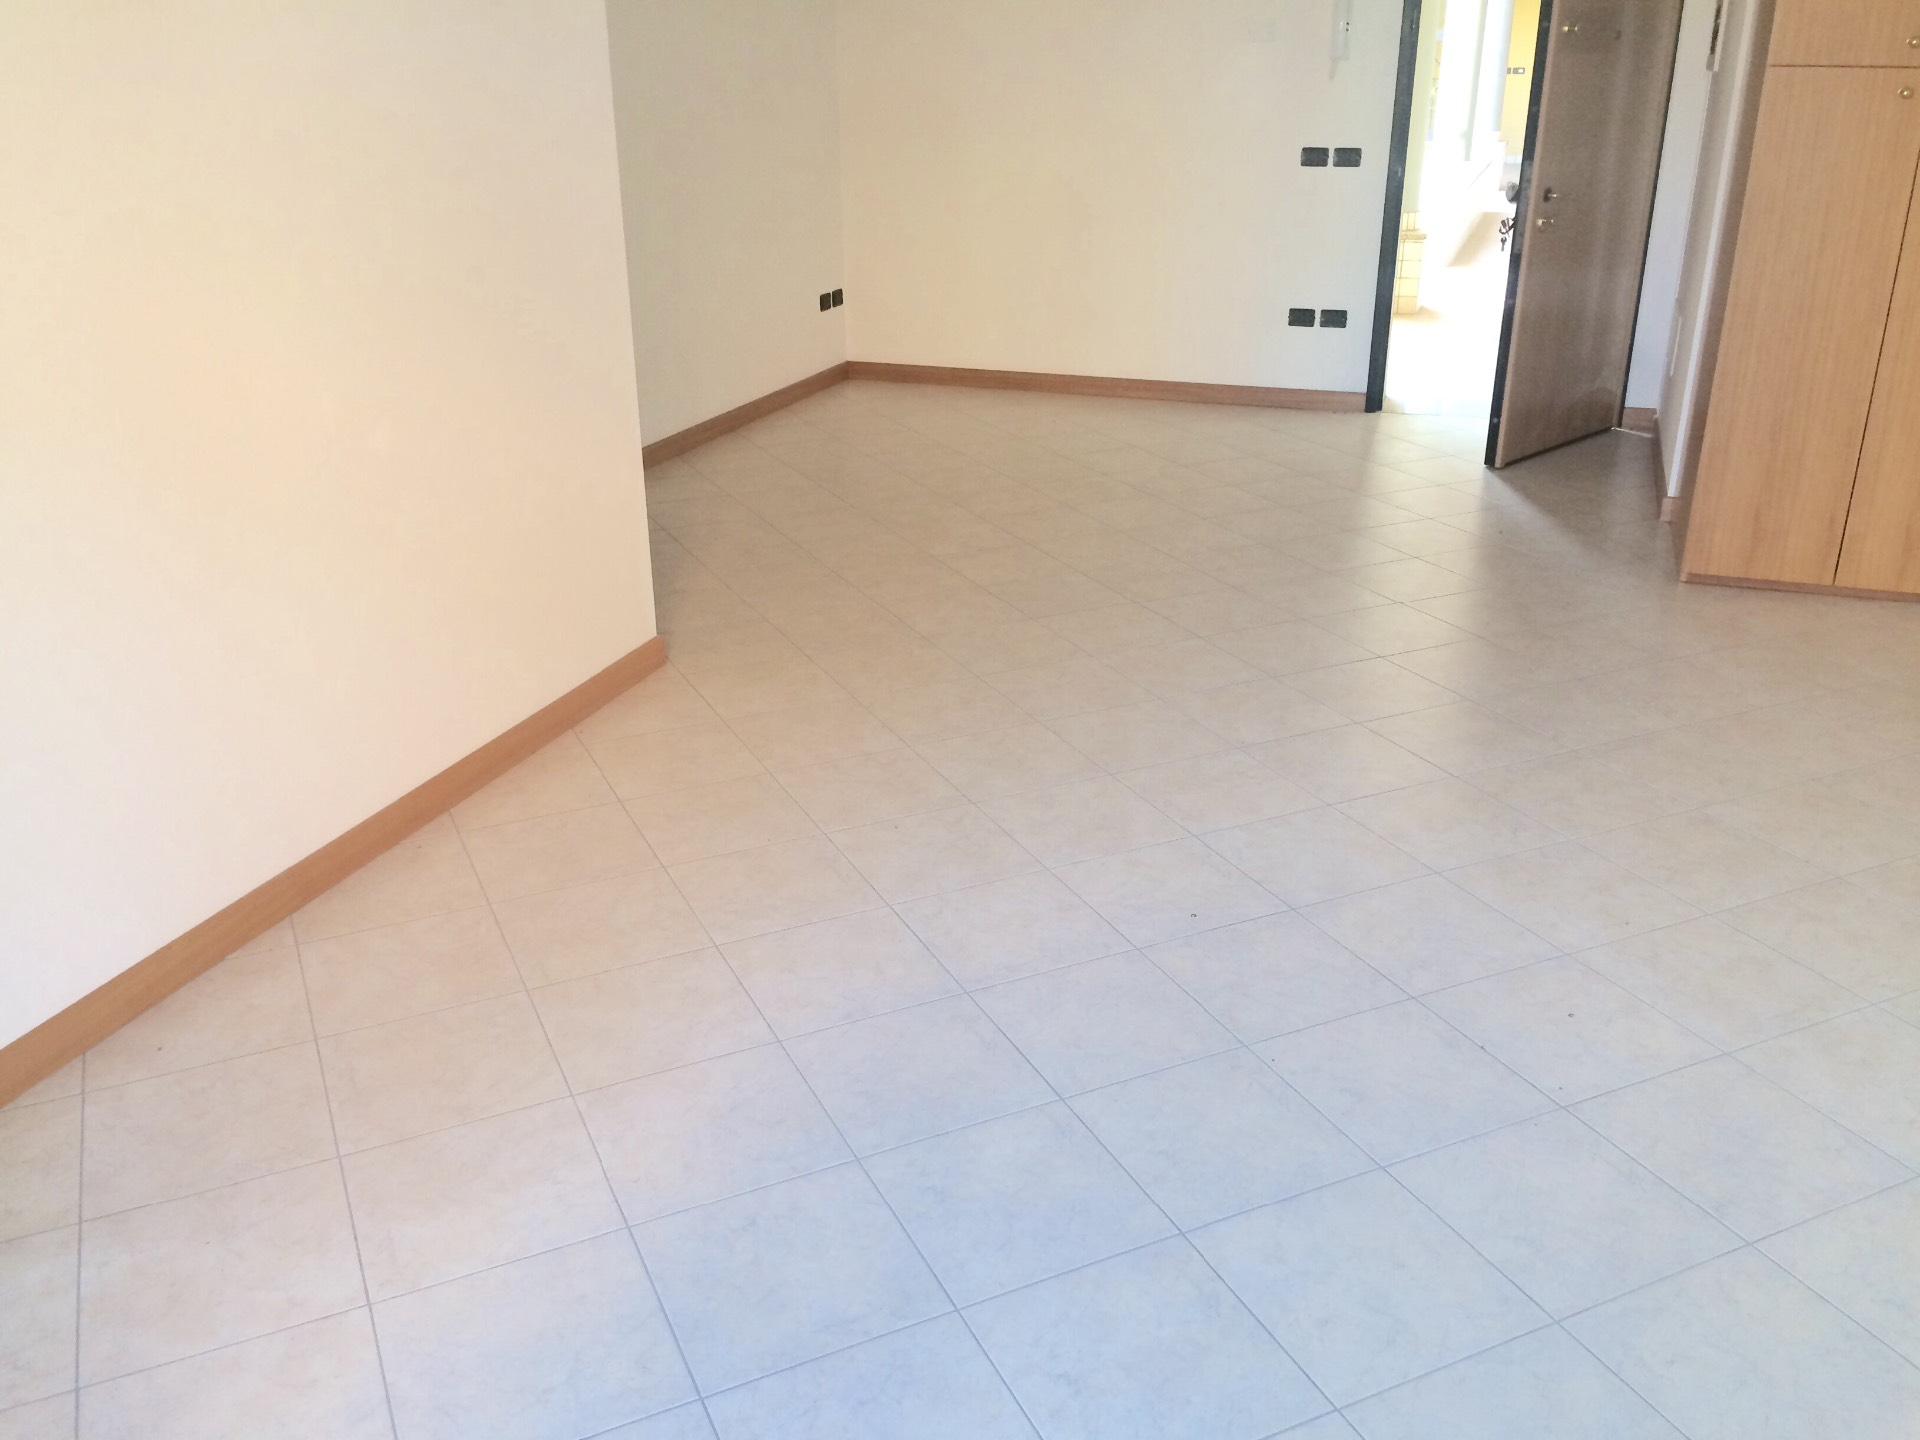 Appartamento in vendita a Maserada sul Piave, 6 locali, zona Zona: Varago, prezzo € 300.000 | CambioCasa.it